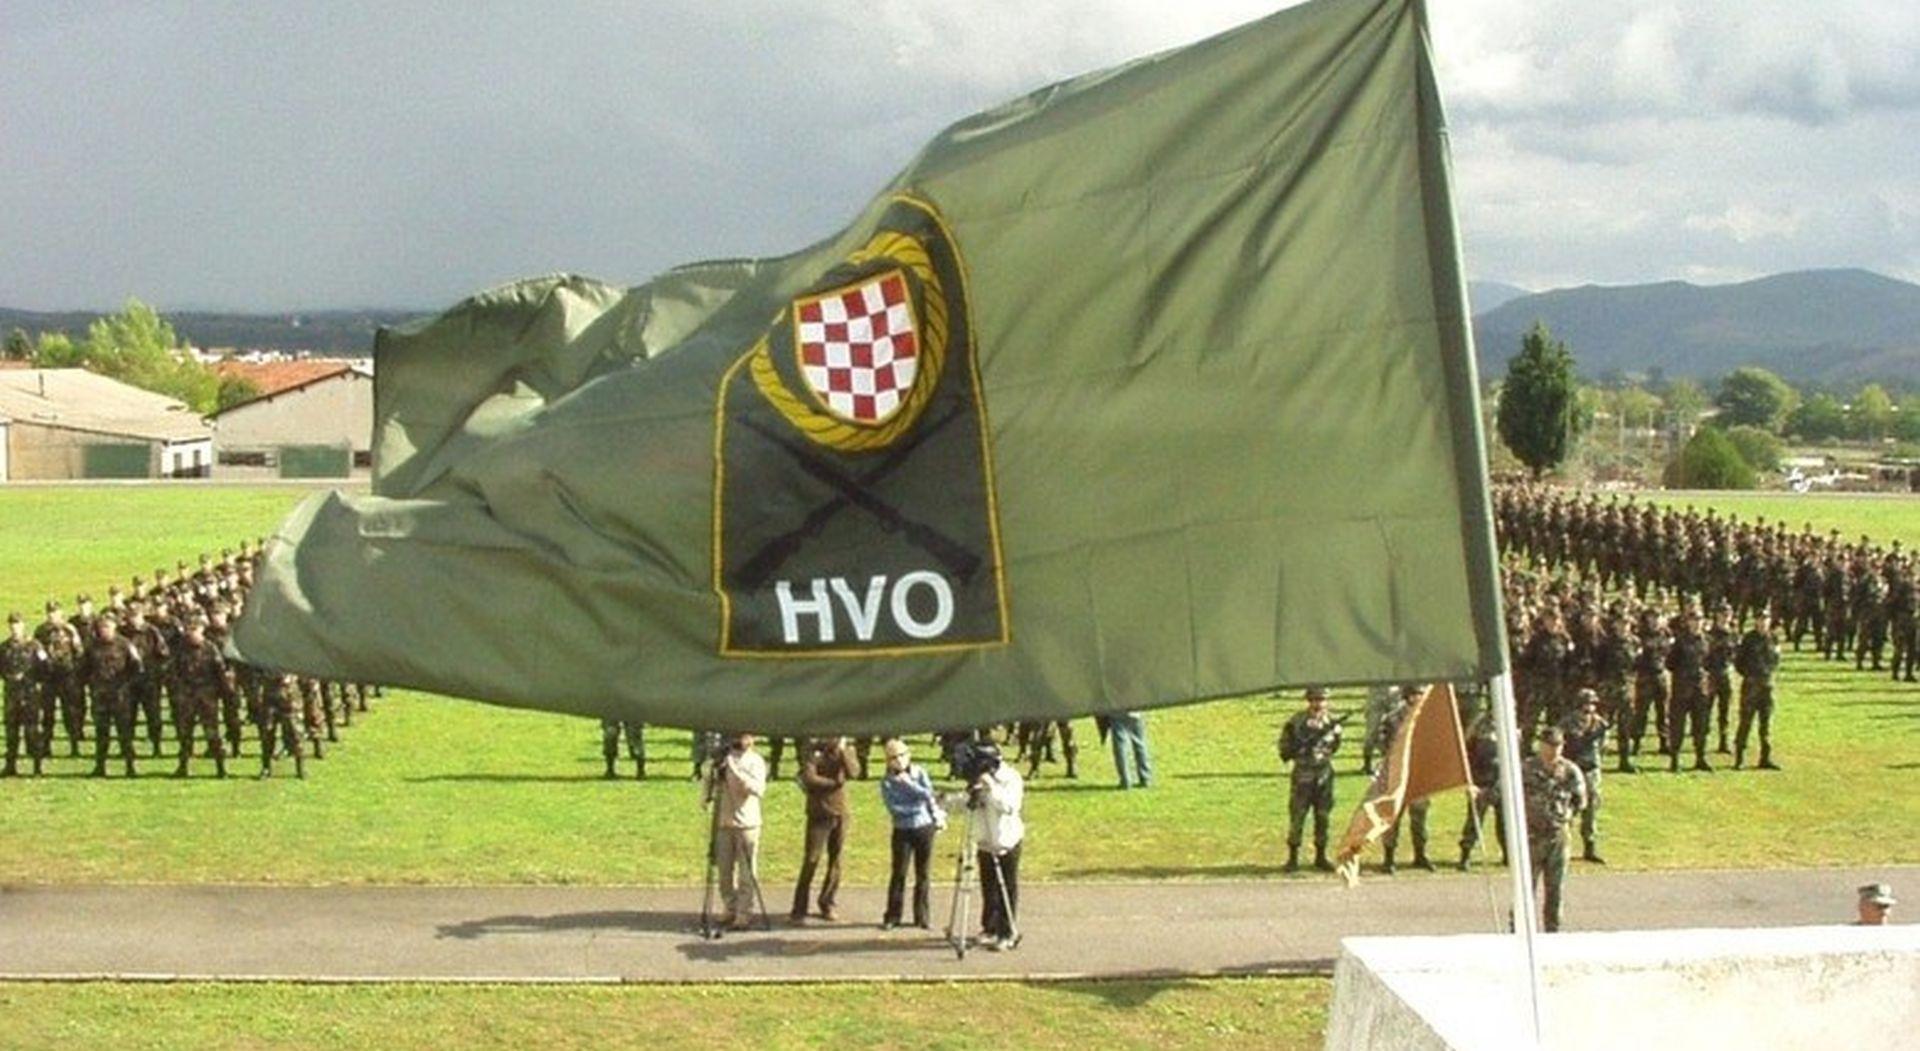 Zapaljena hrvatska zastava postavljena kod spomenika HVO-a u Žepču